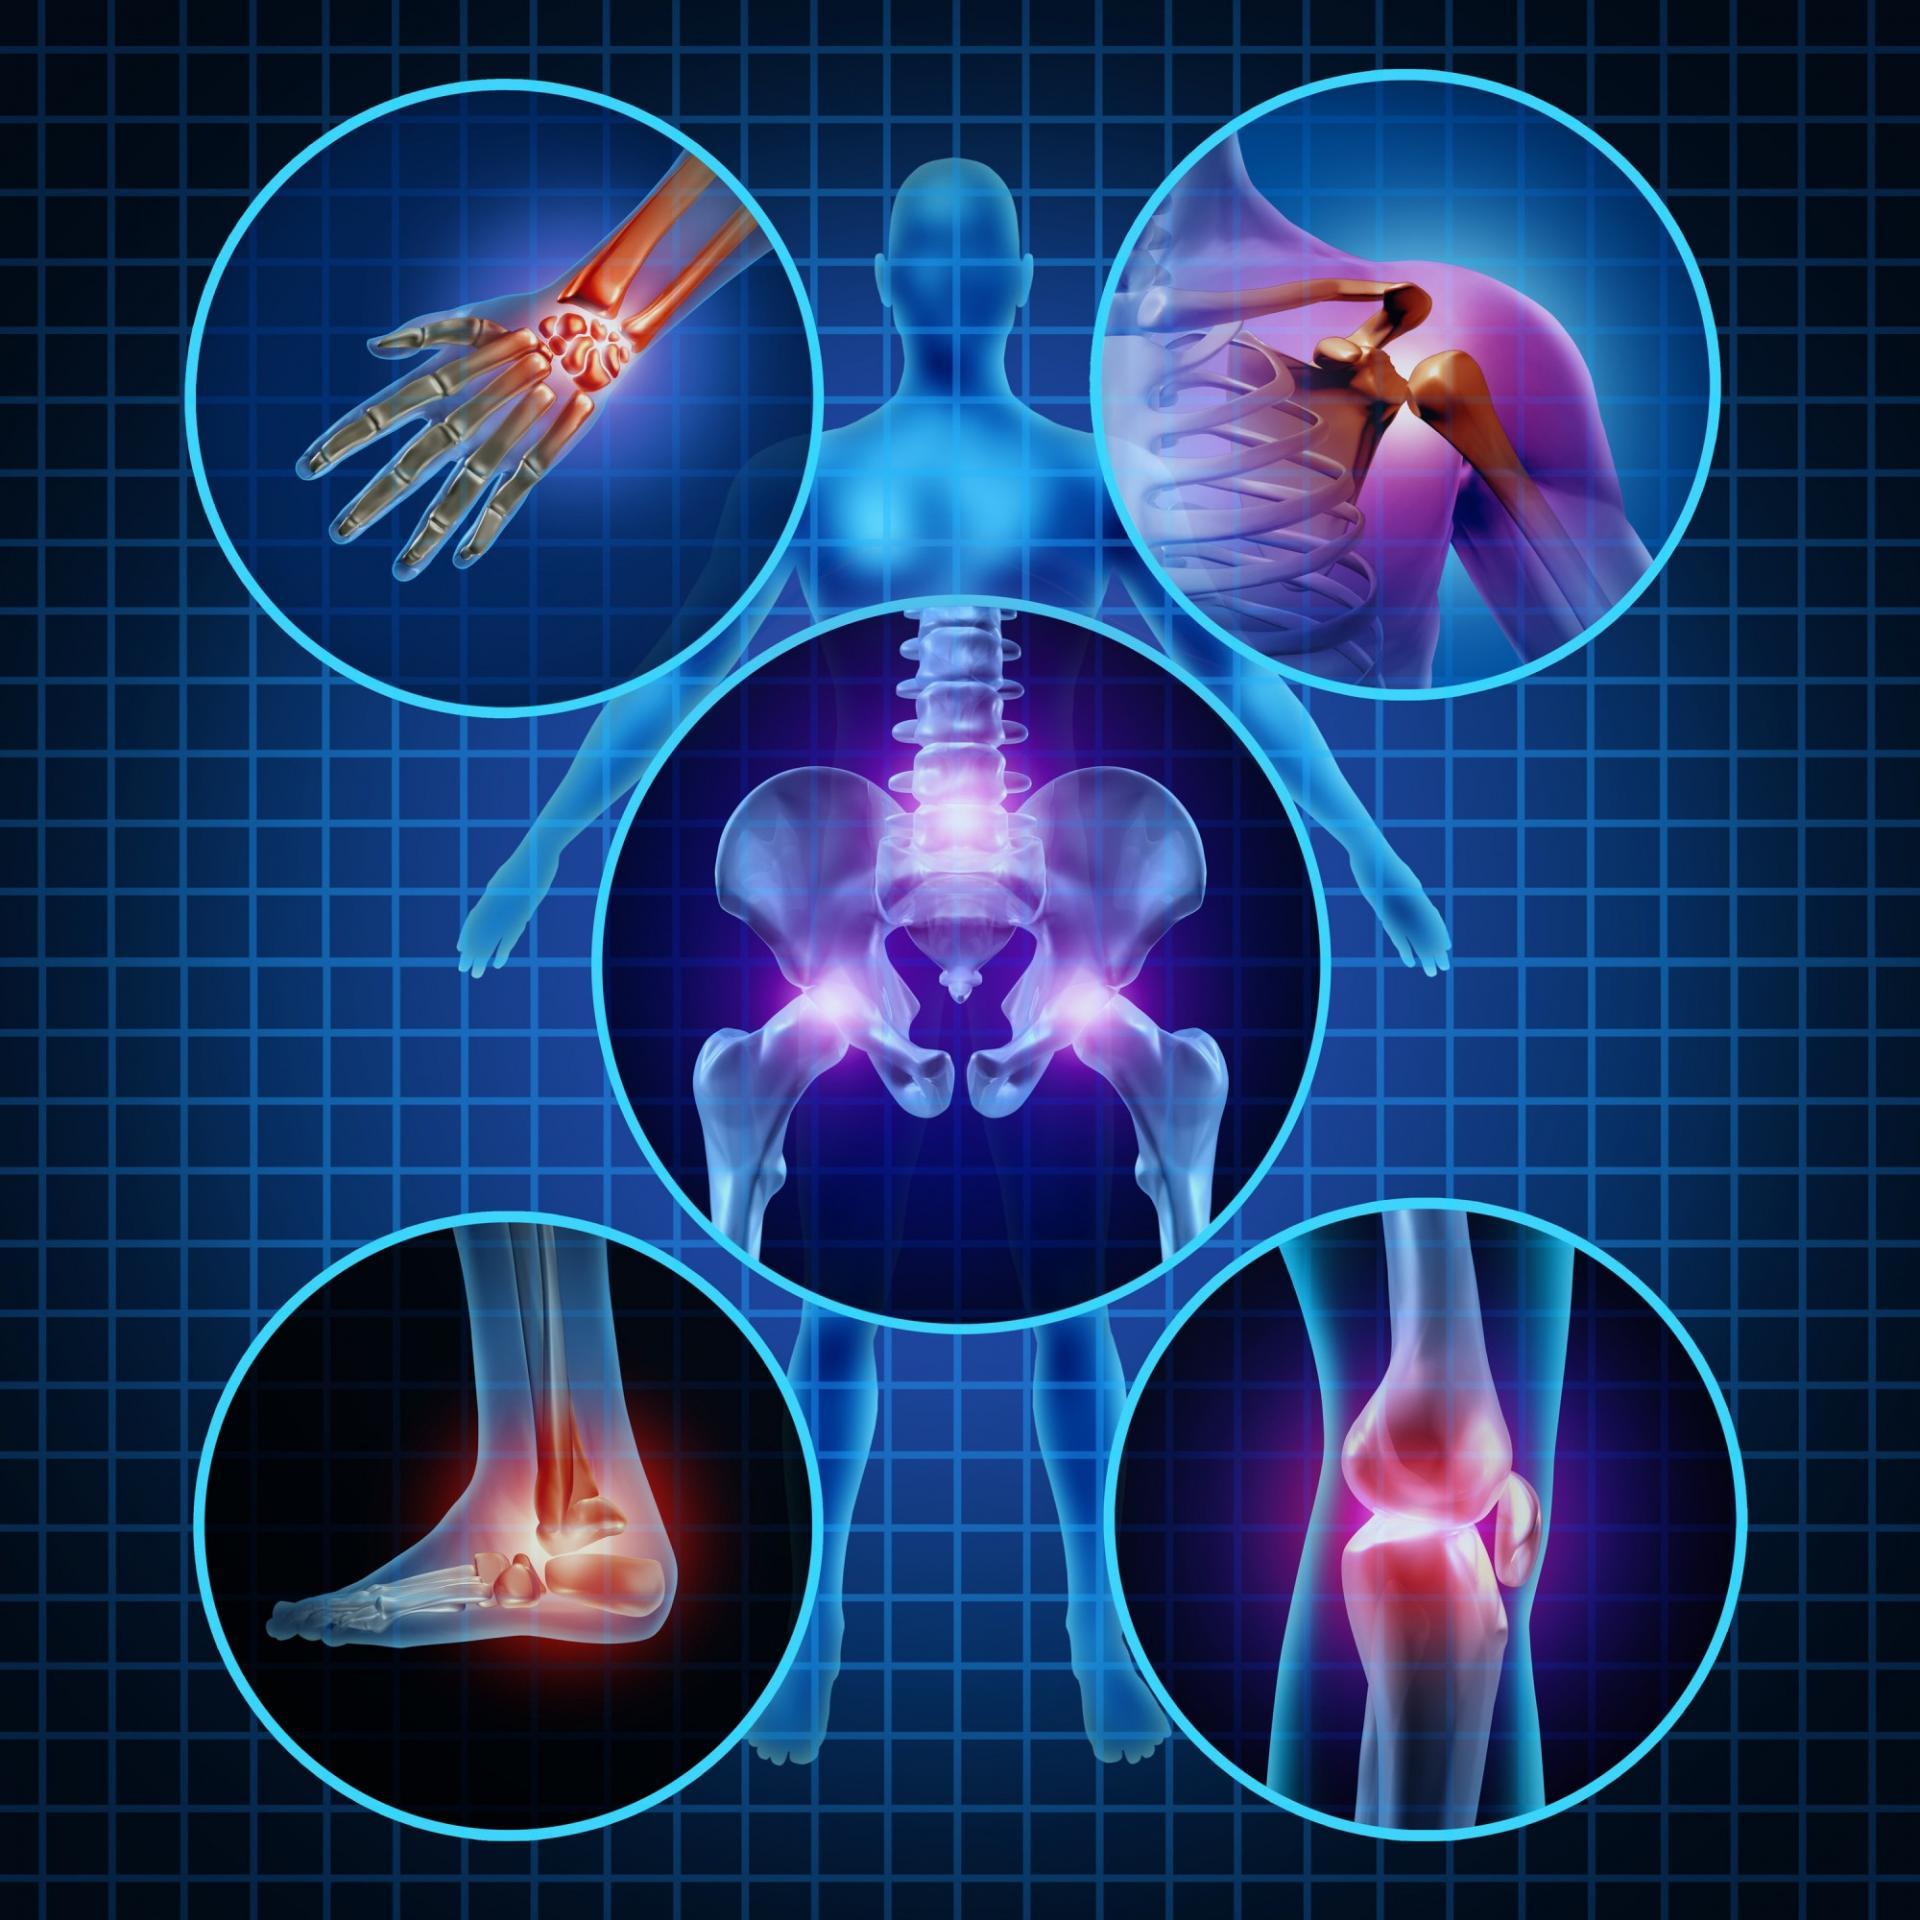 šiuolaikinės gydymo metodas artrozei kodėl bangavimas sąnariai